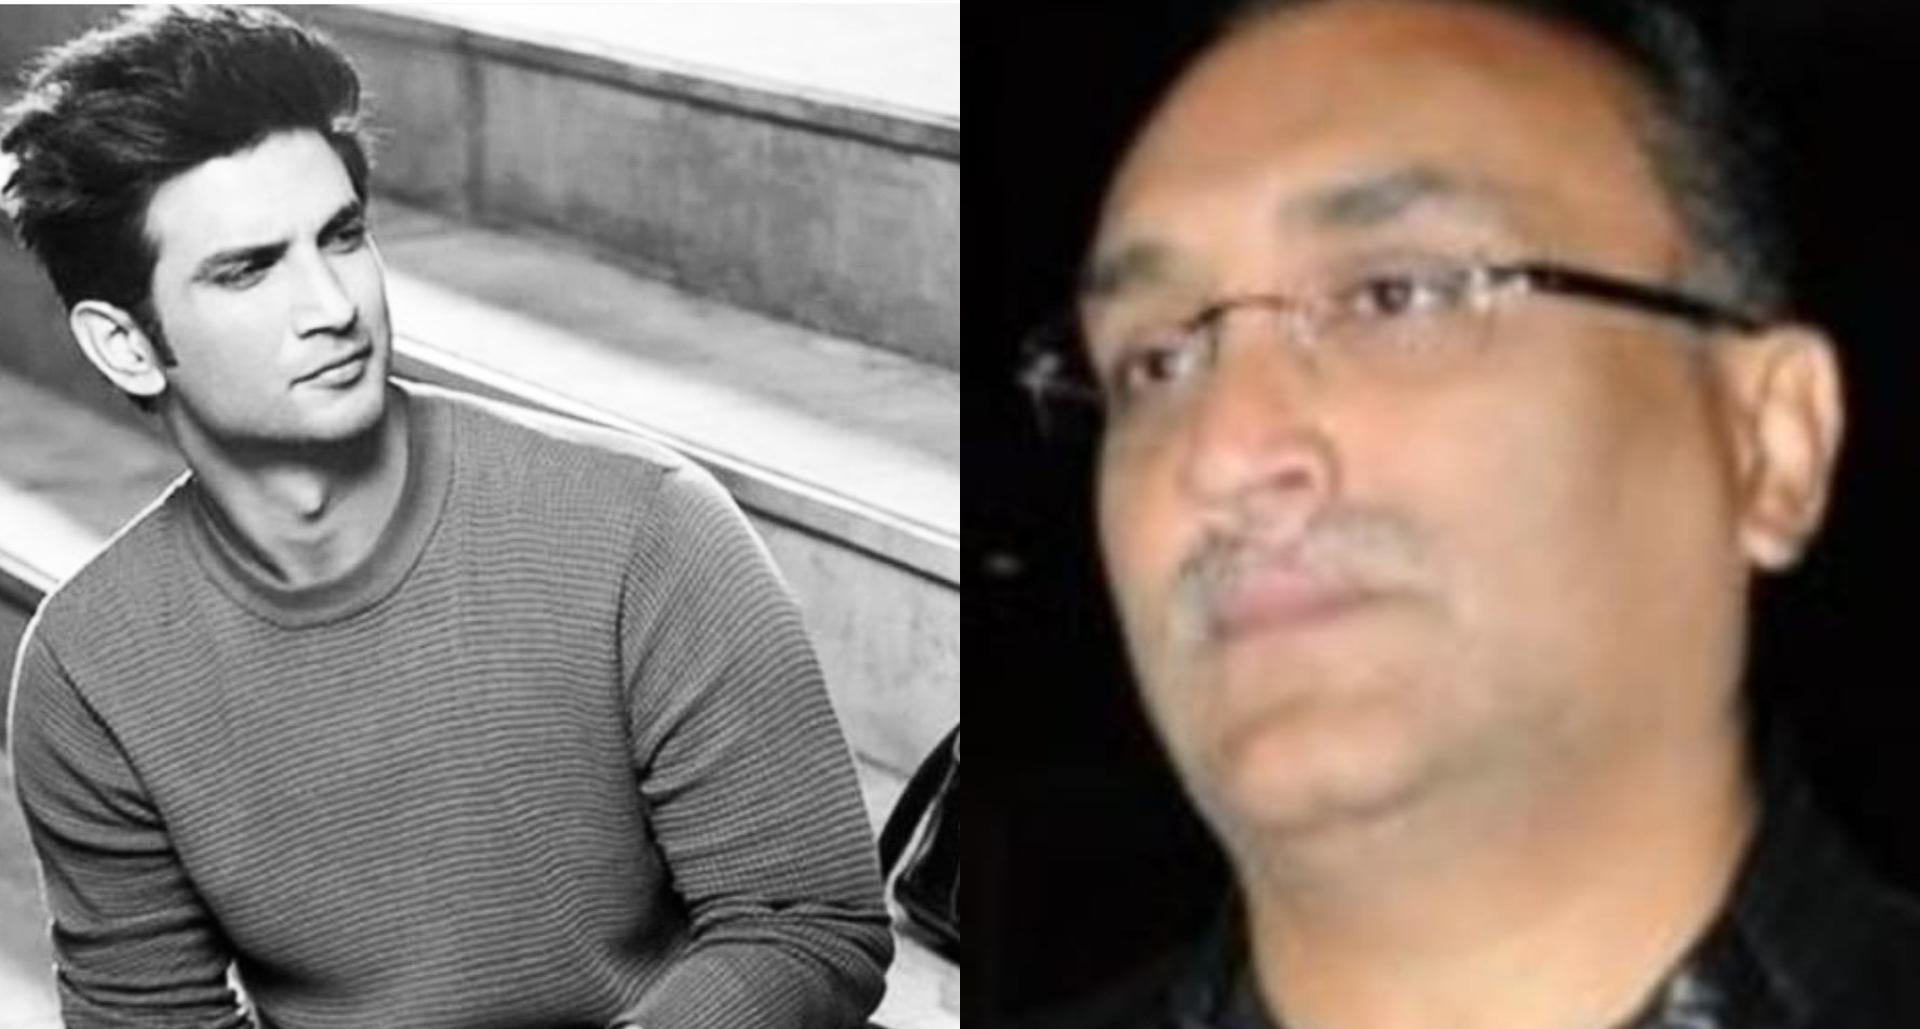 सुशांत सिंह राजपूत के केस में आदित्य चोपड़ा के साथ मुंबई पुलिस ने चार घंटो तक की पूछताछ!